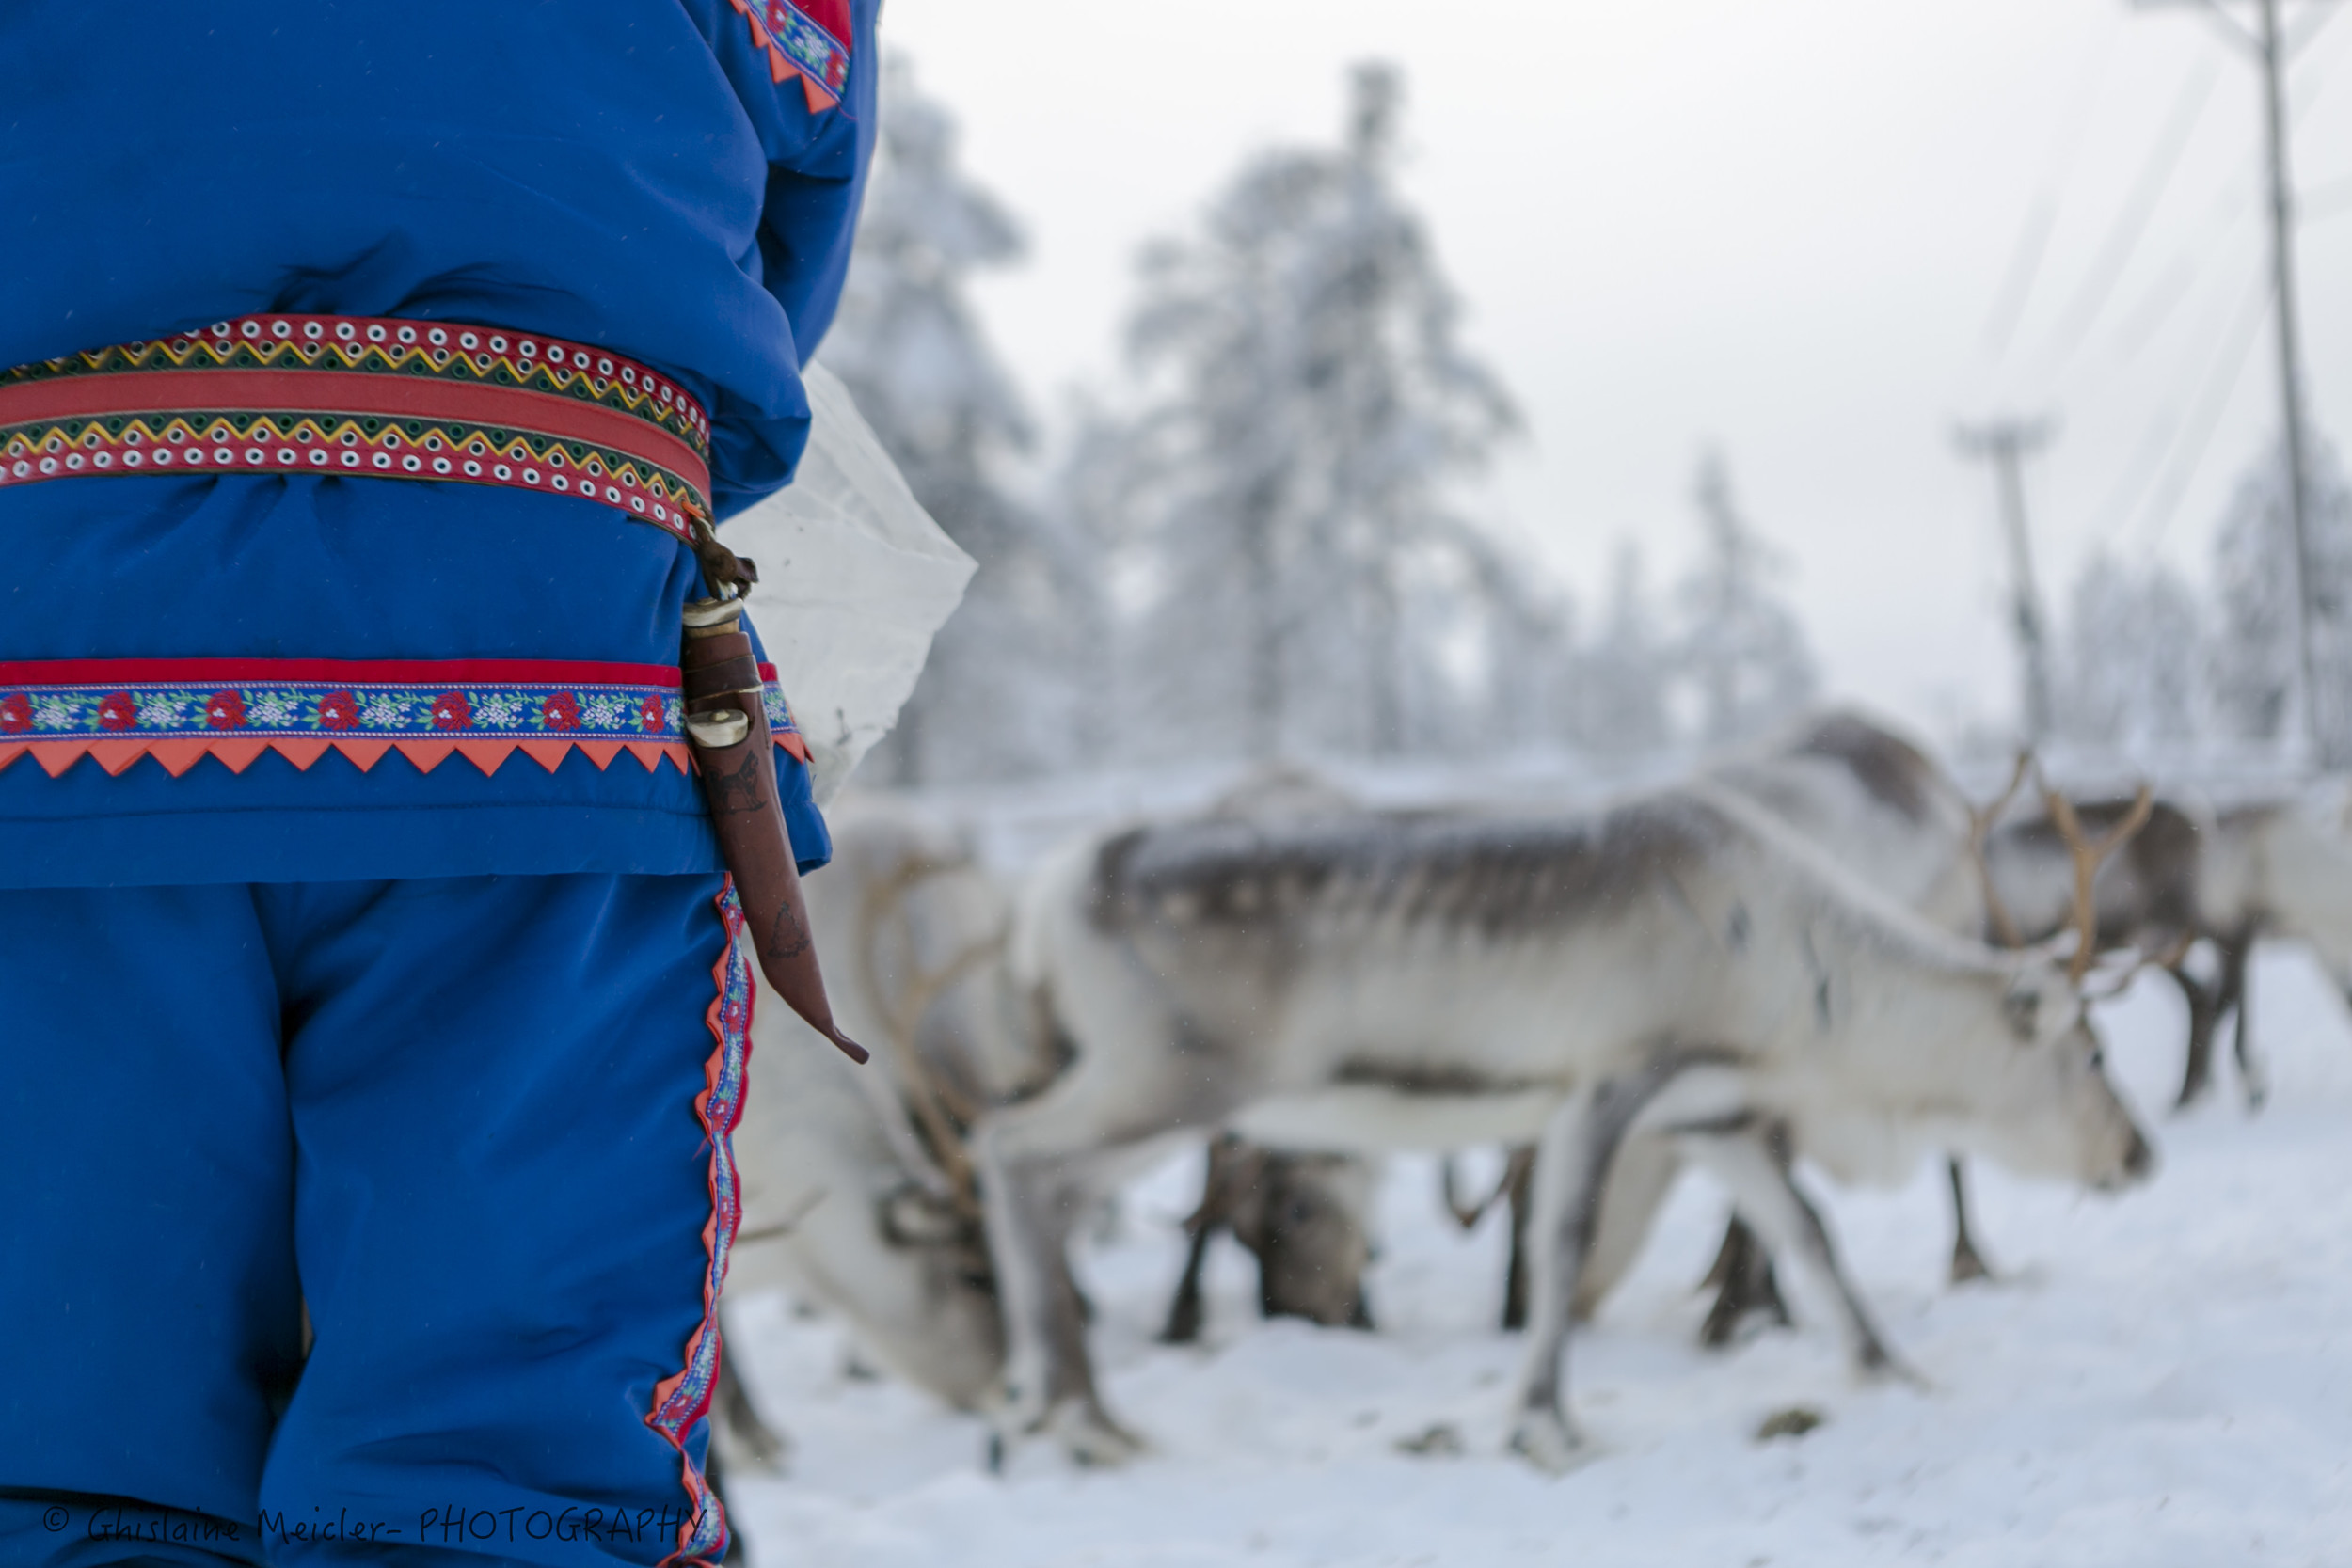 Finlande-440-2.jpg